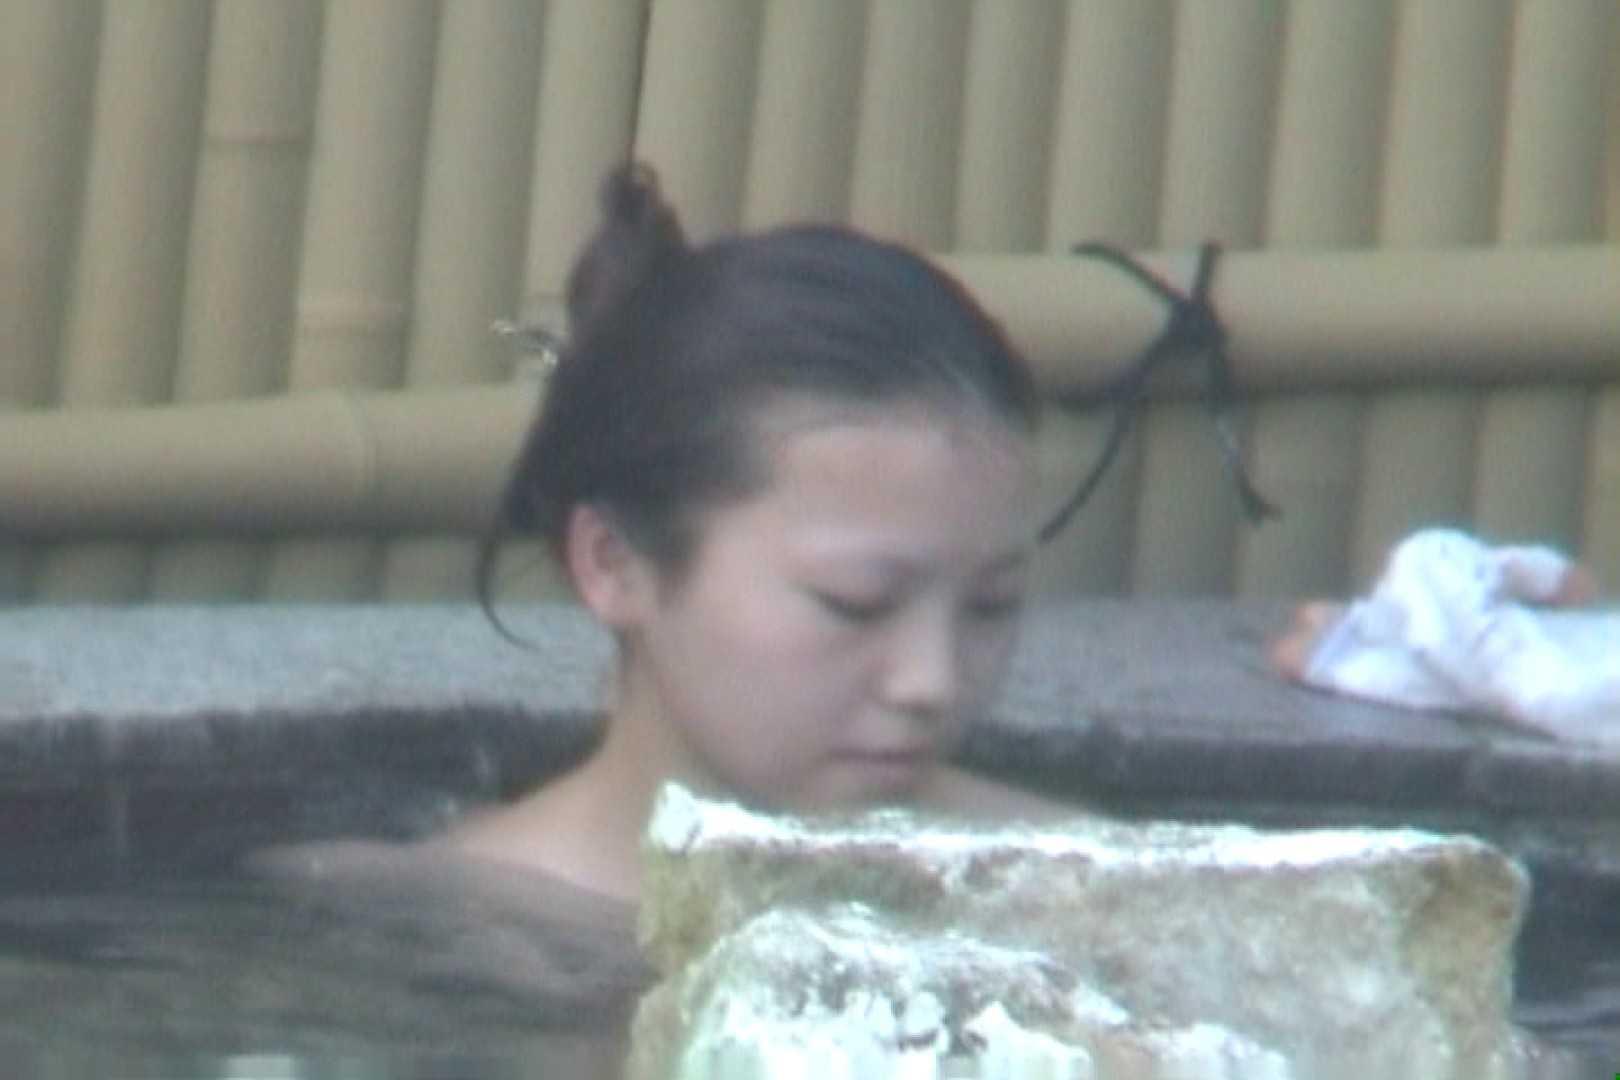 Aquaな露天風呂Vol.572 盗撮  67PICs 54